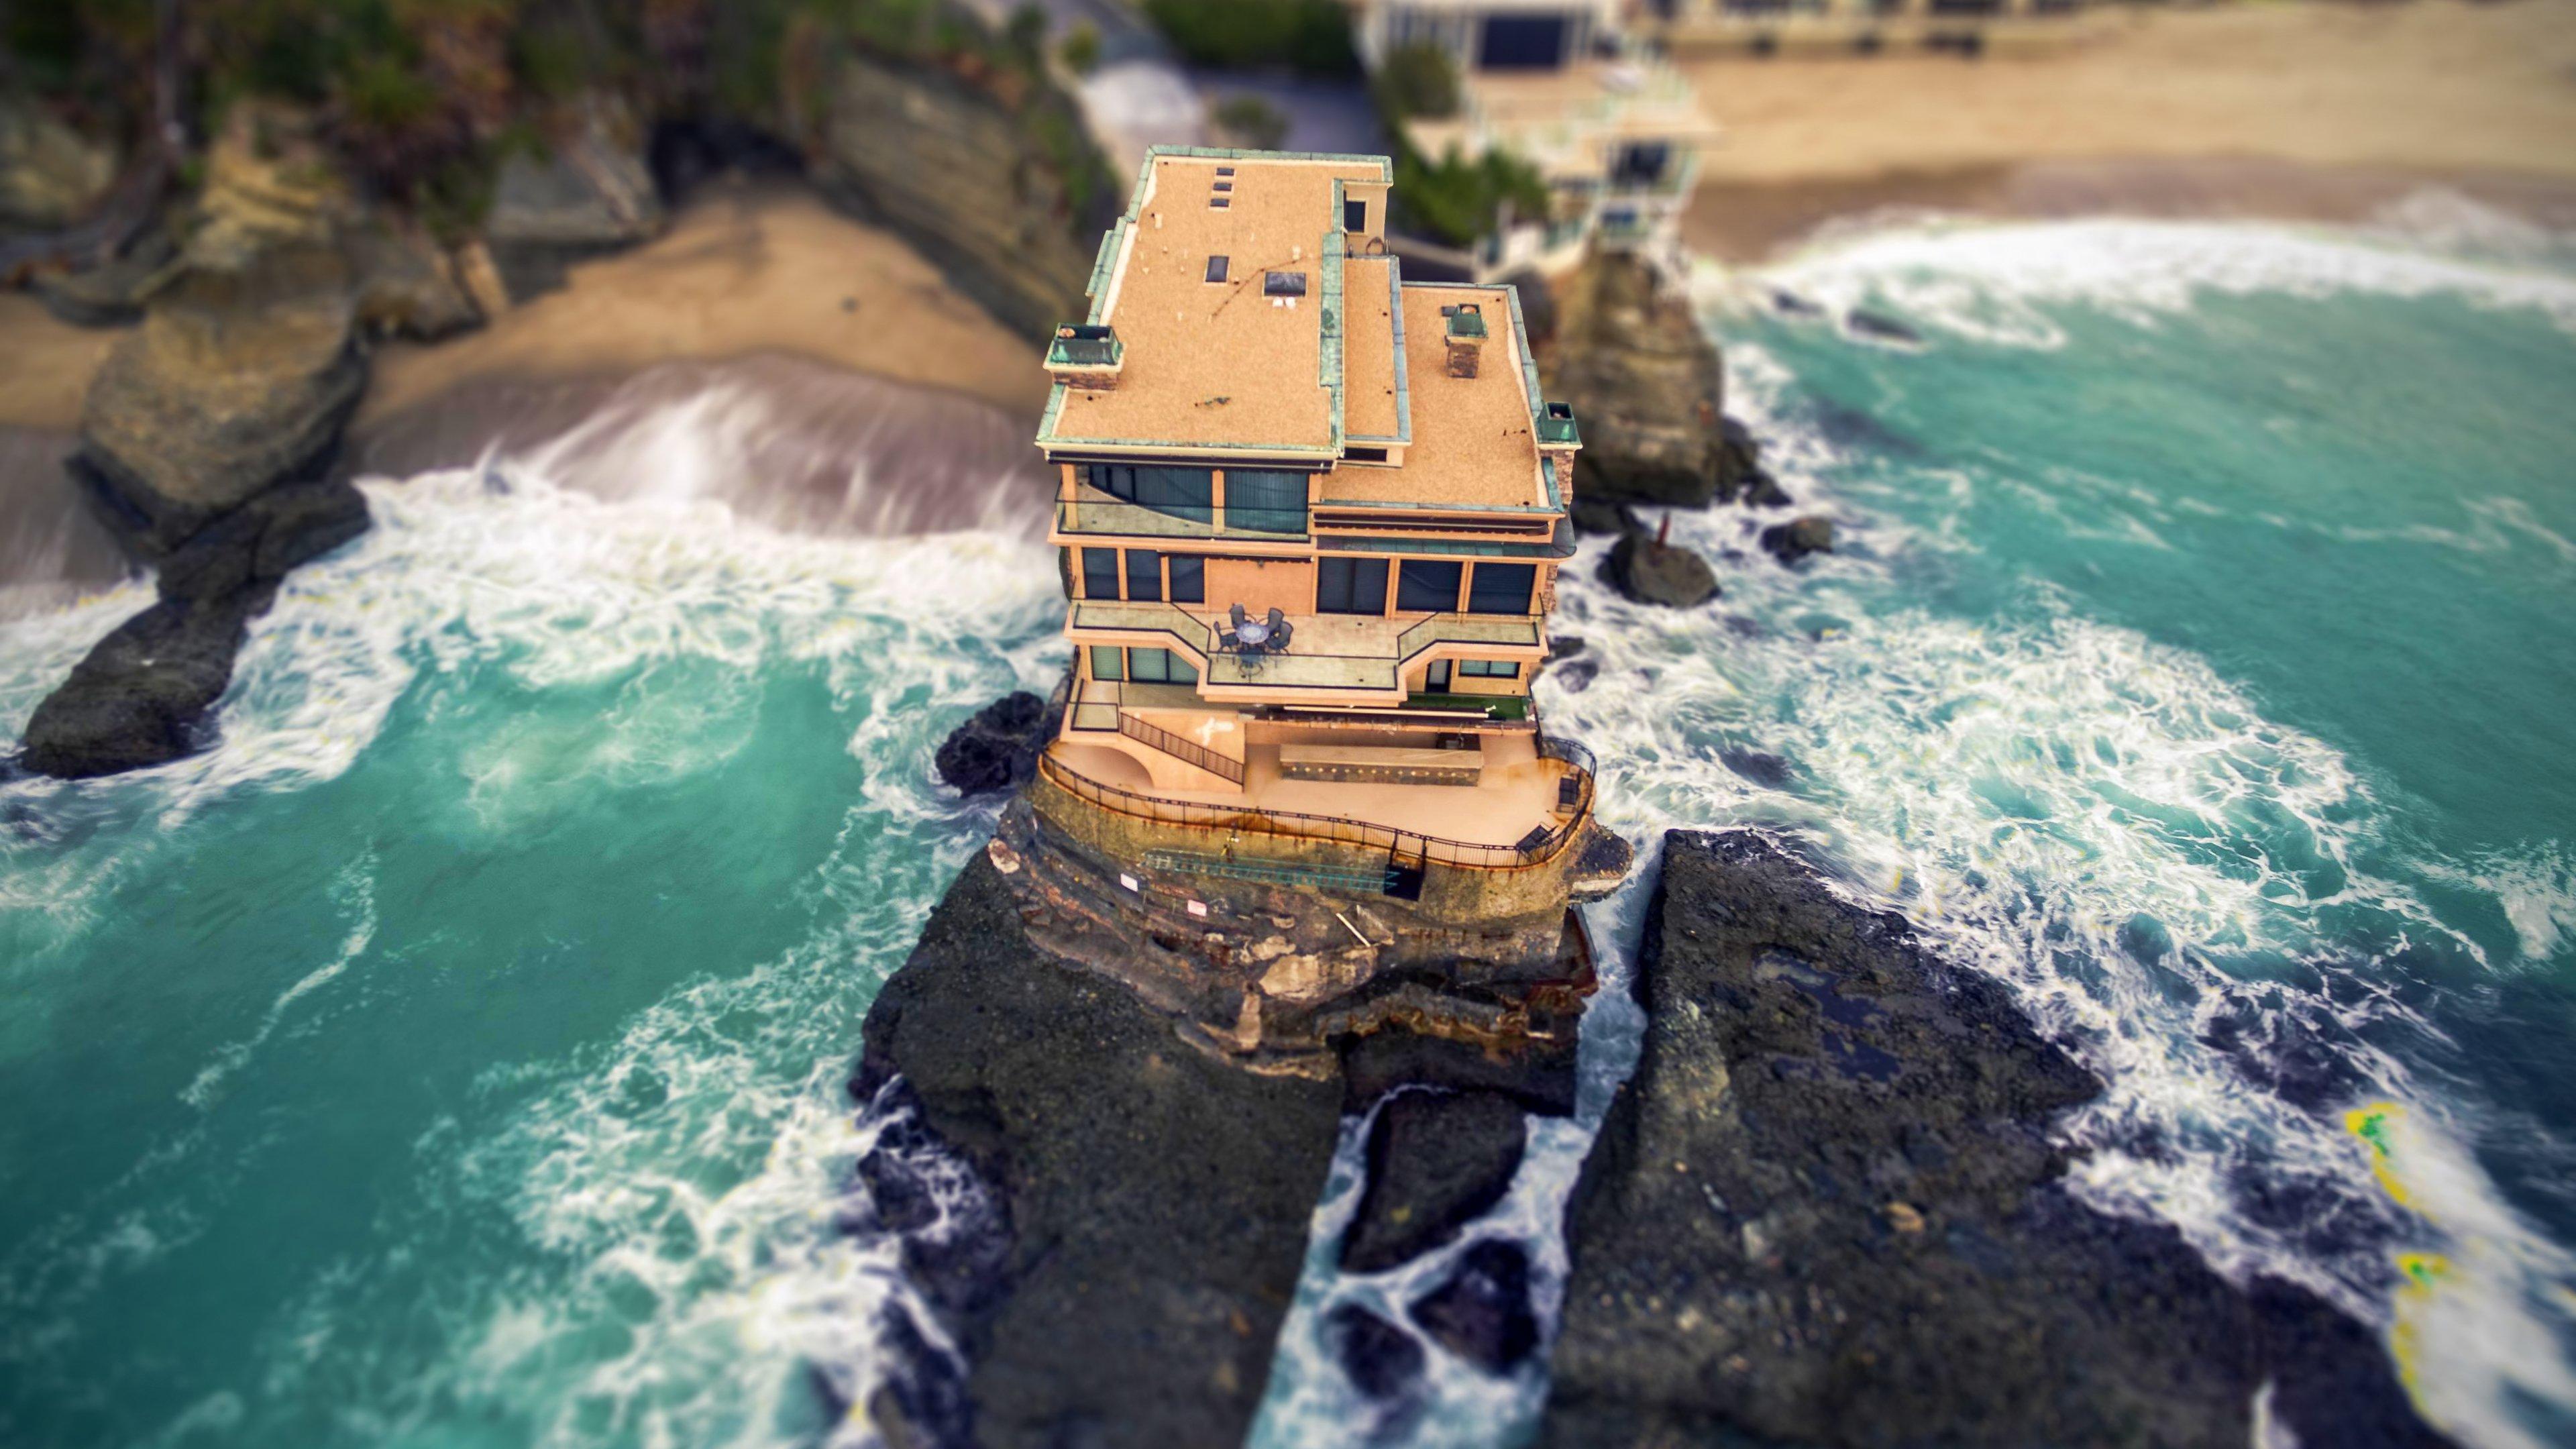 Beach House Wallpaper Hd Desktop Wallpapers 4k Beach 3262672 Hd Wallpaper Backgrounds Download